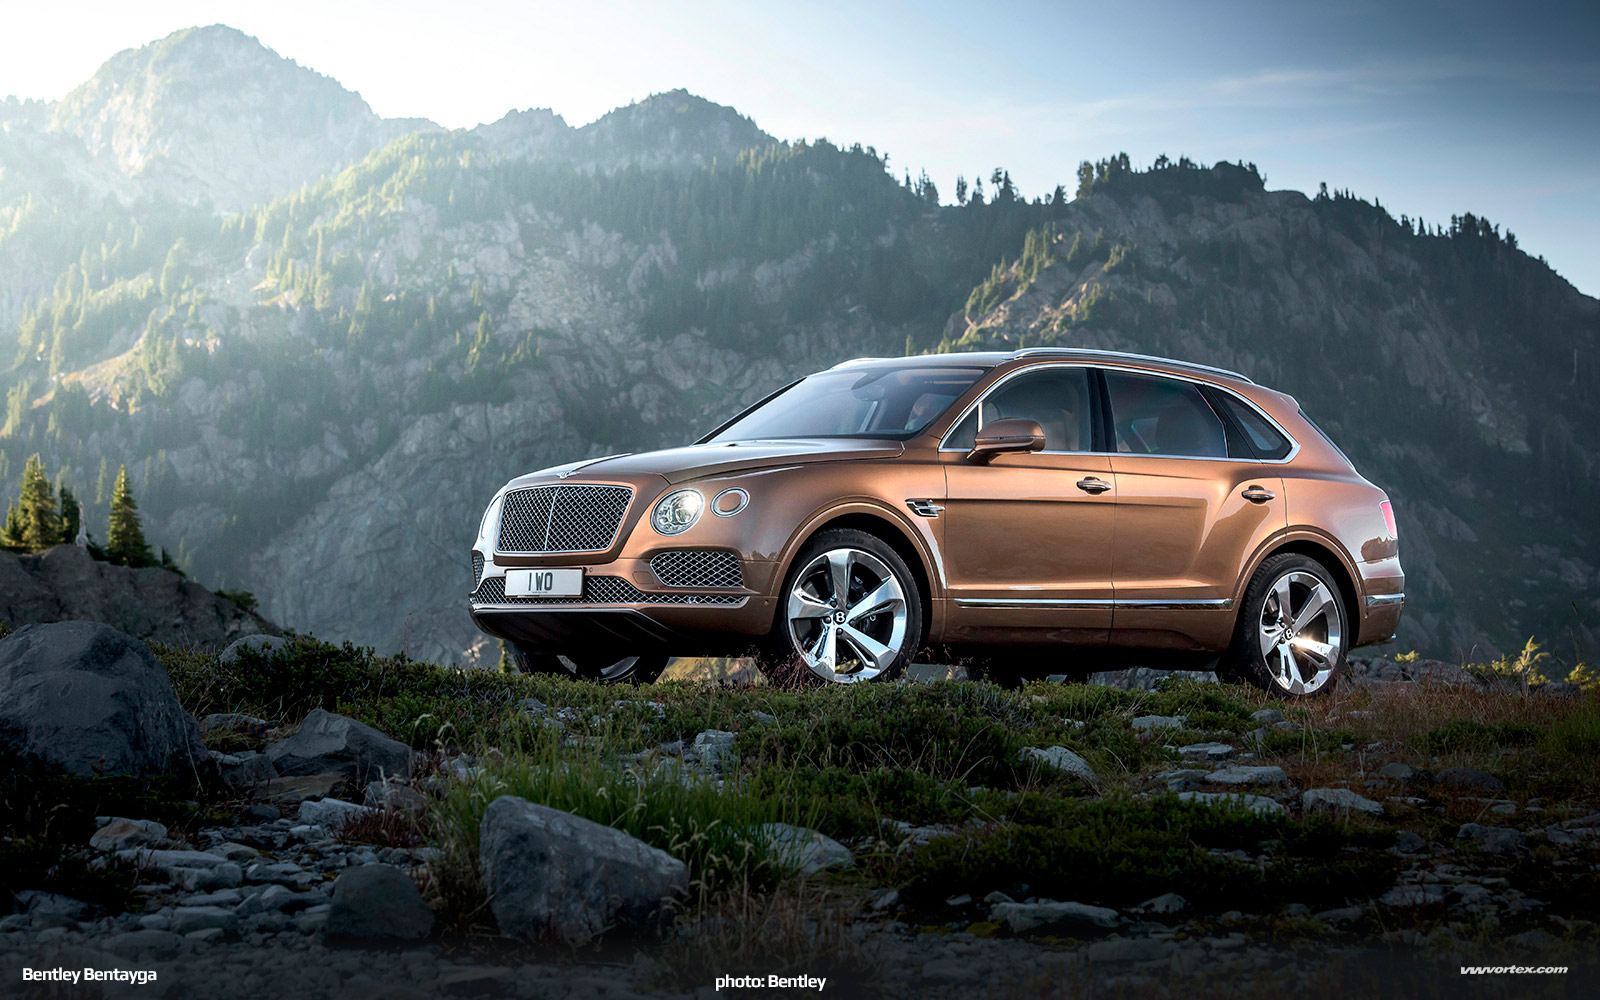 Bentley-Bentayga-SUV-crossover-2016-433